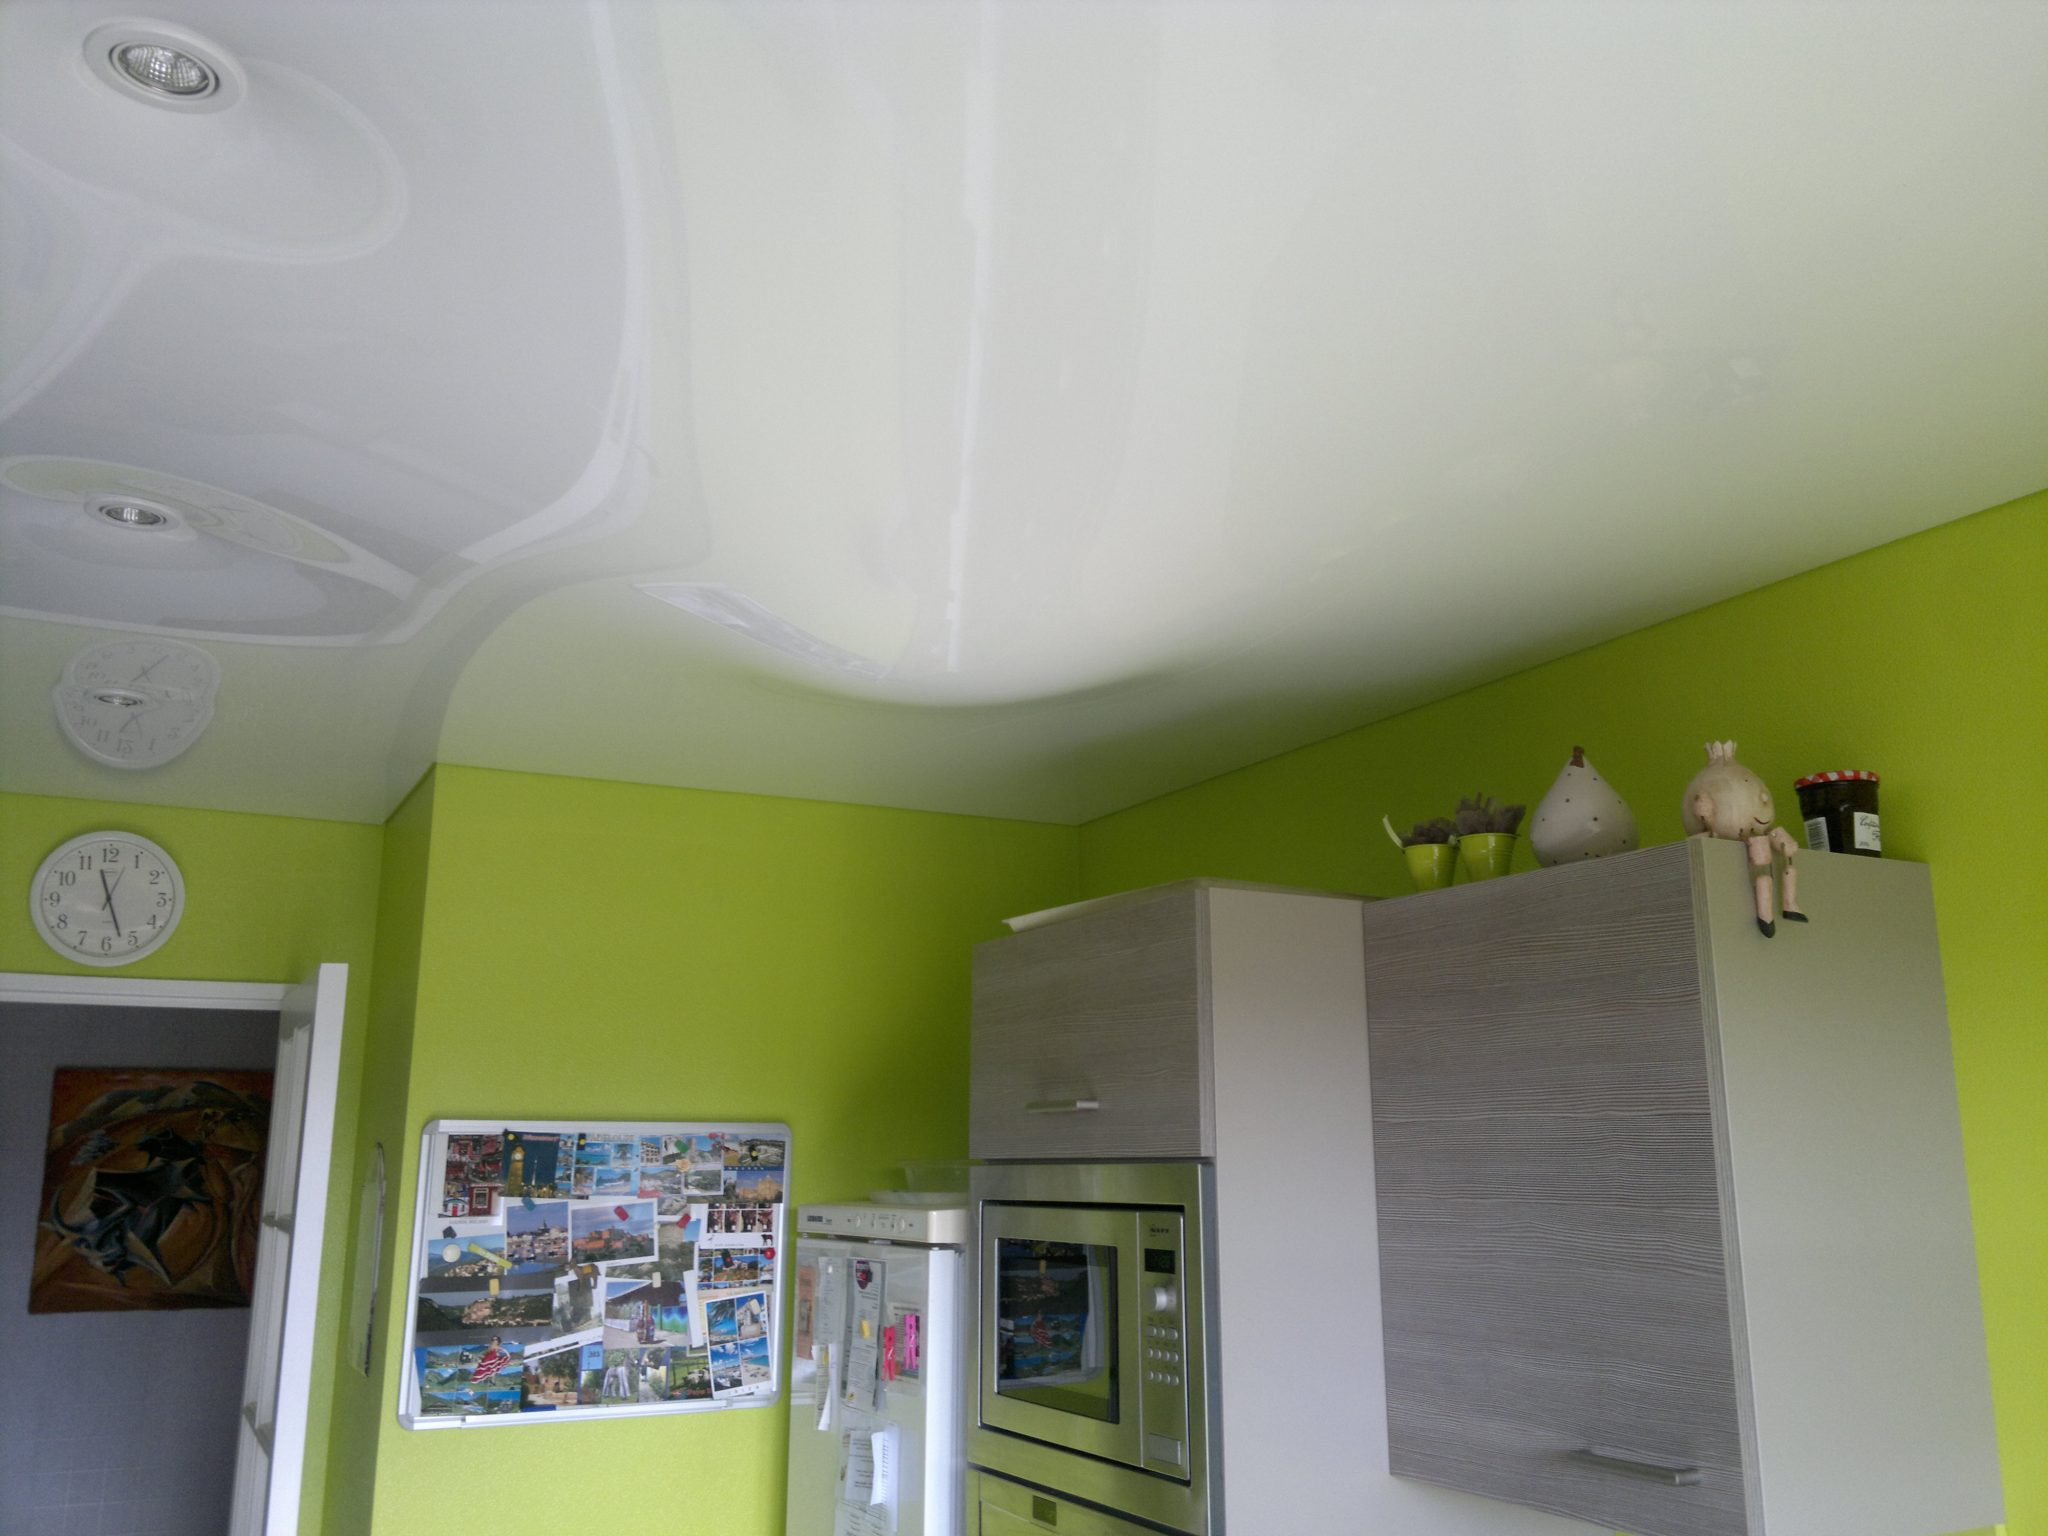 d g t des eaux avantage plafond tendu chaud meunier plafond tendu lyon. Black Bedroom Furniture Sets. Home Design Ideas